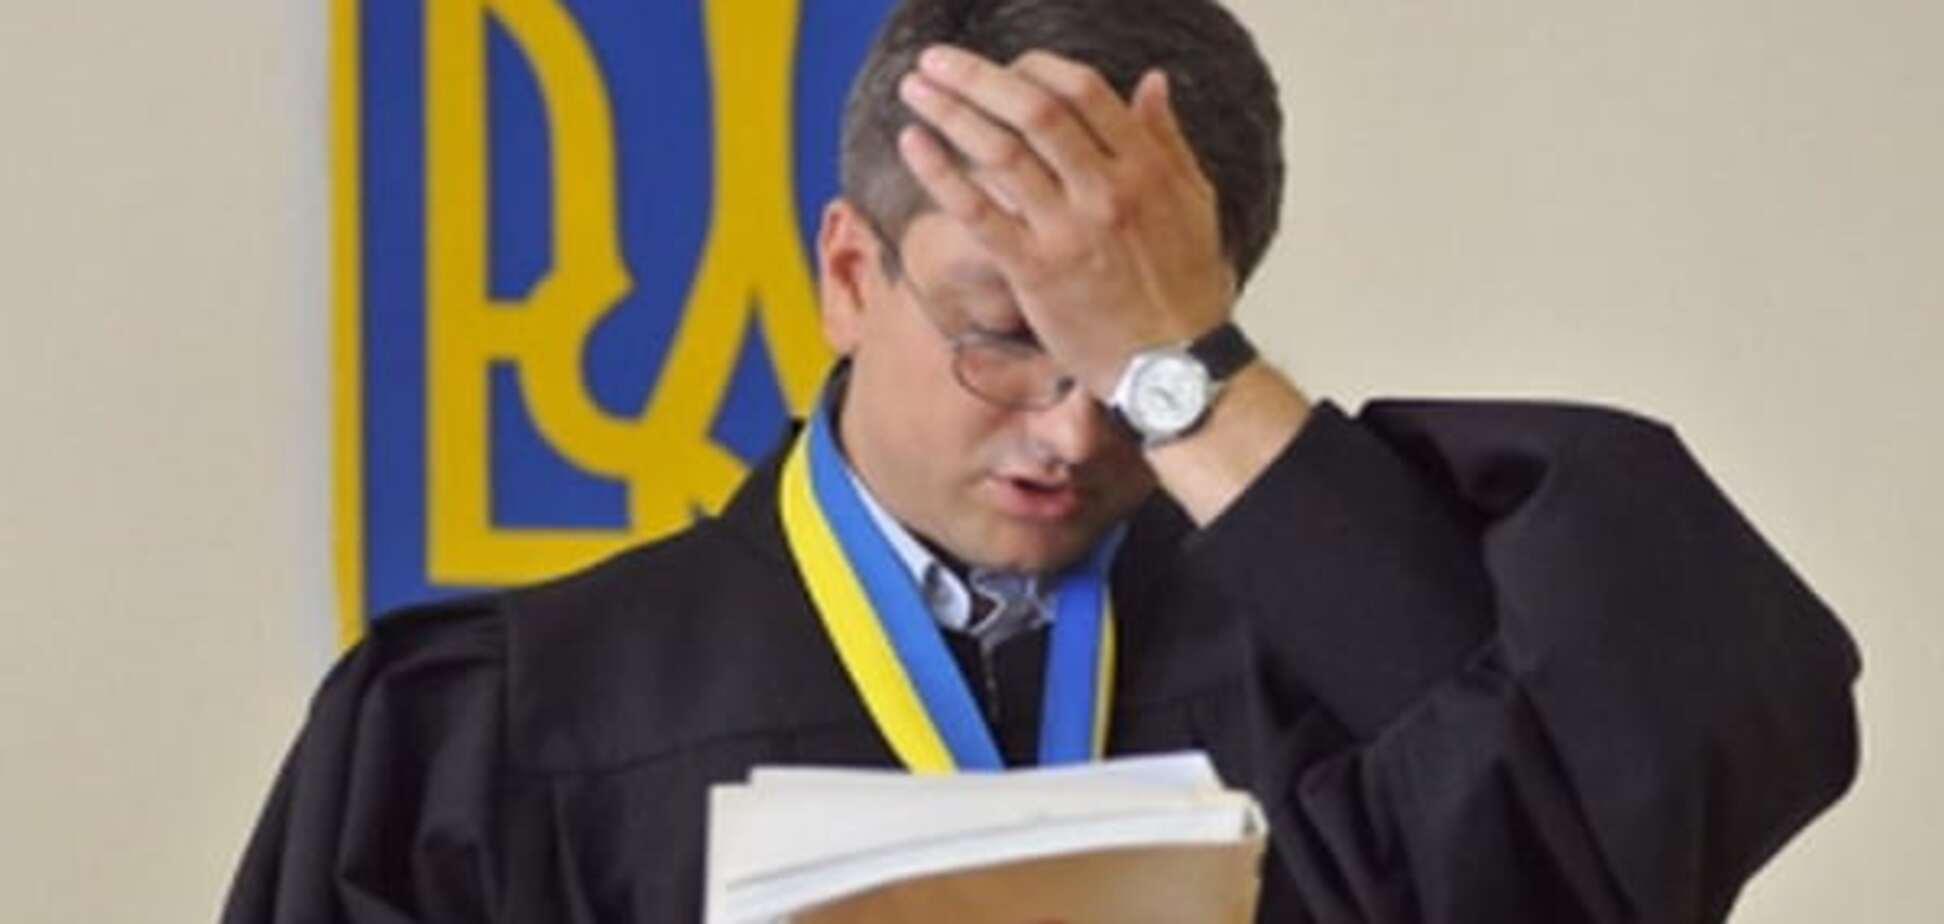 Высший совет юстиции уволил судью Киреева